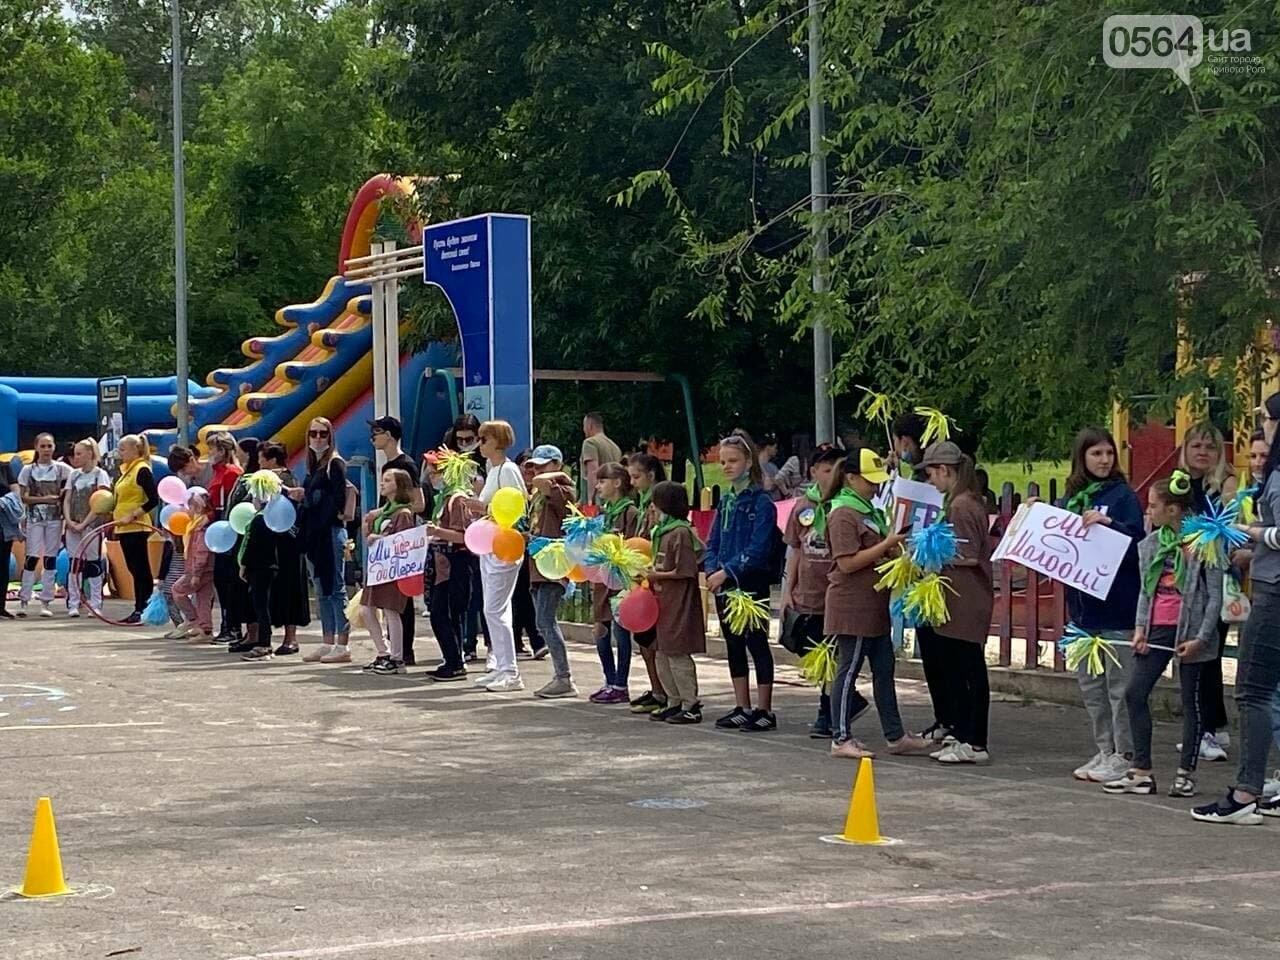 В Кривом Роге для детей провели спартакиаду, - ФОТО, ВИДЕО  , фото-37